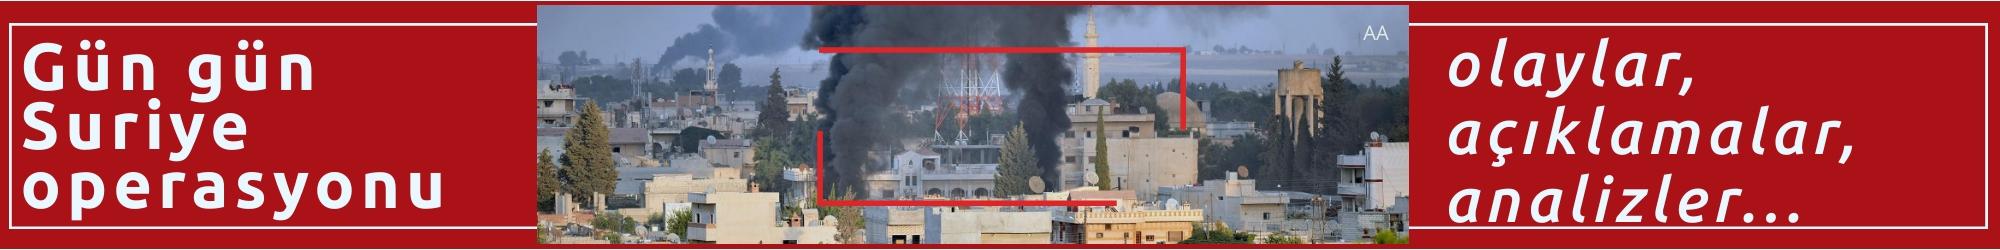 Gün gün Suriye operasyonu